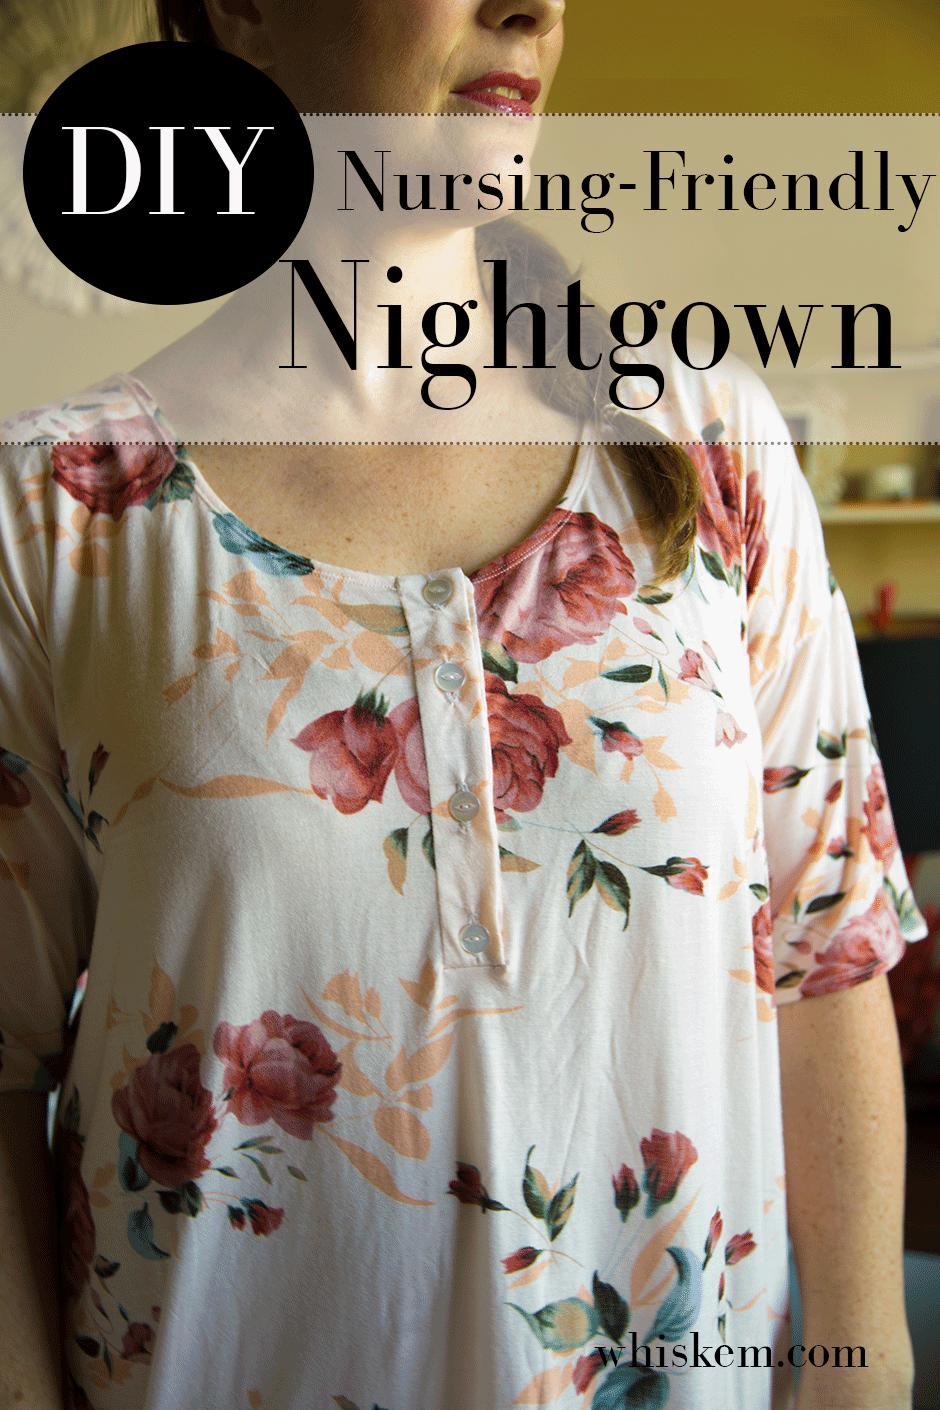 DIY Nursing-Friendly Nightgown • Bonnie and Blithe